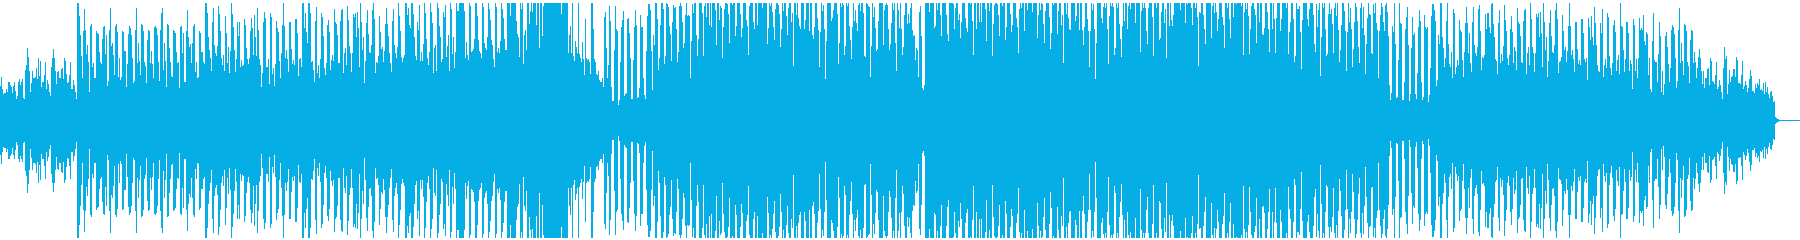 楽しく陽気なテクノサウンドEDMの再生済みの波形